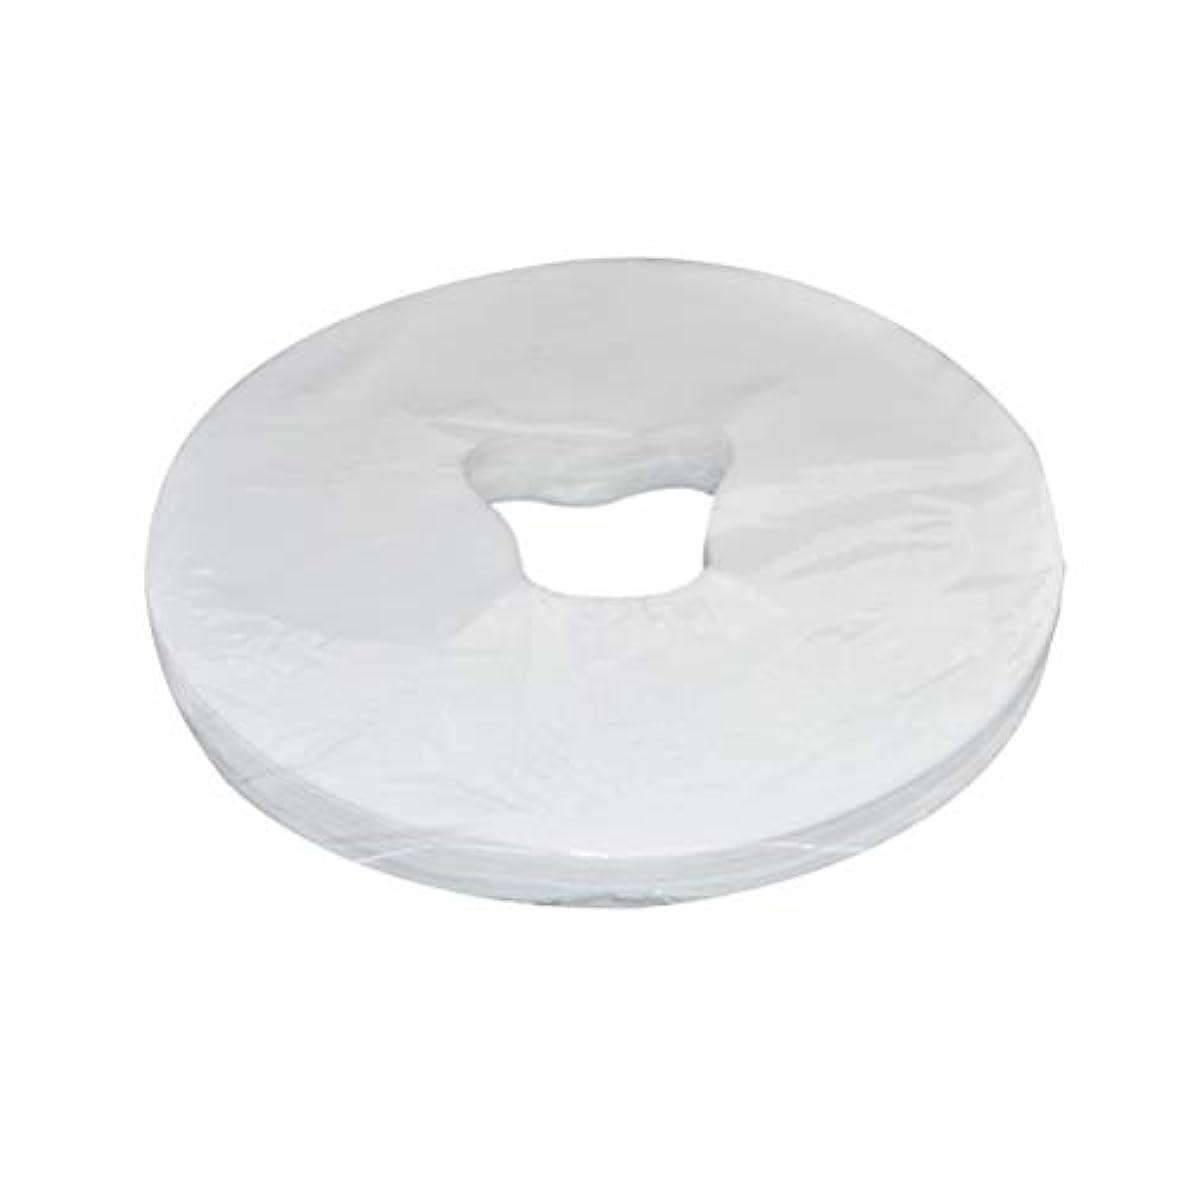 靄変更可能比類なきHealifty 29x28cm使い捨てフェイスマッサージカバーフェイスホールピローパッド100枚(ホワイト)